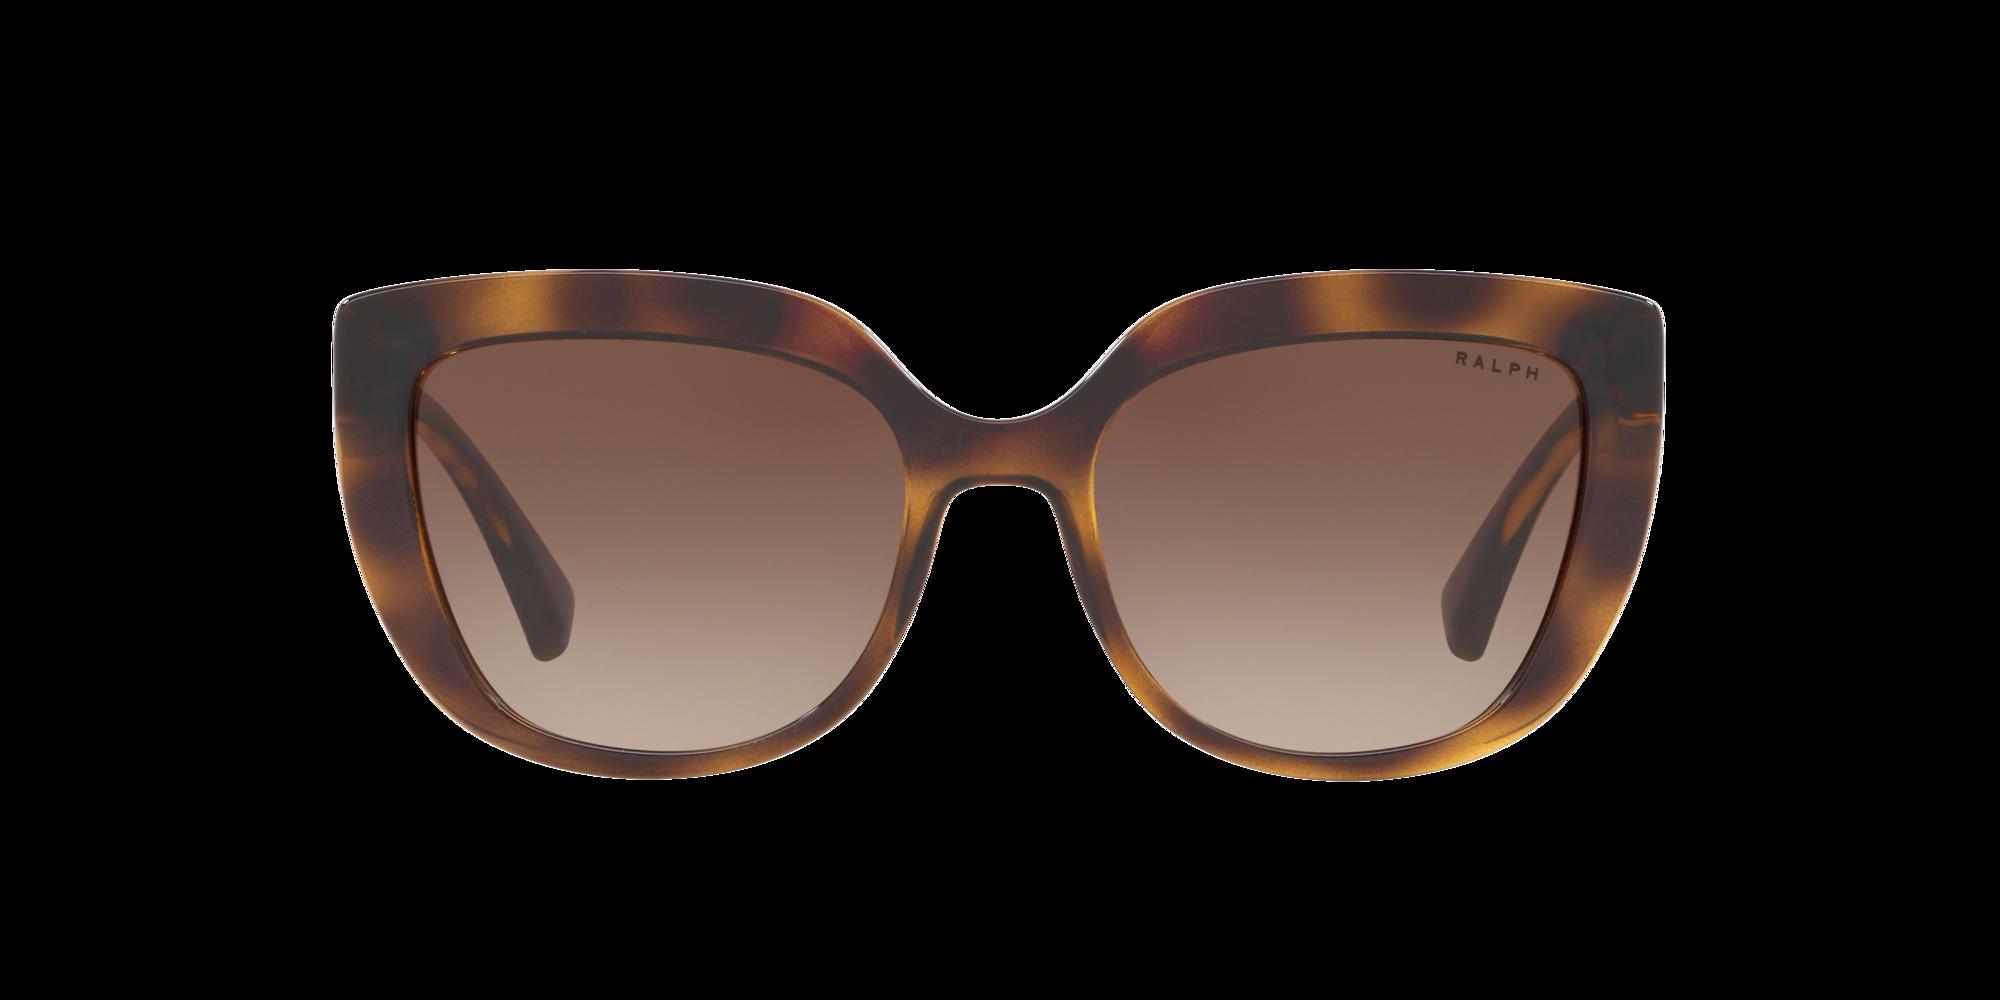 Imagen para RA5254 54 de LensCrafters |  Espejuelos, espejuelos graduados en línea, gafas